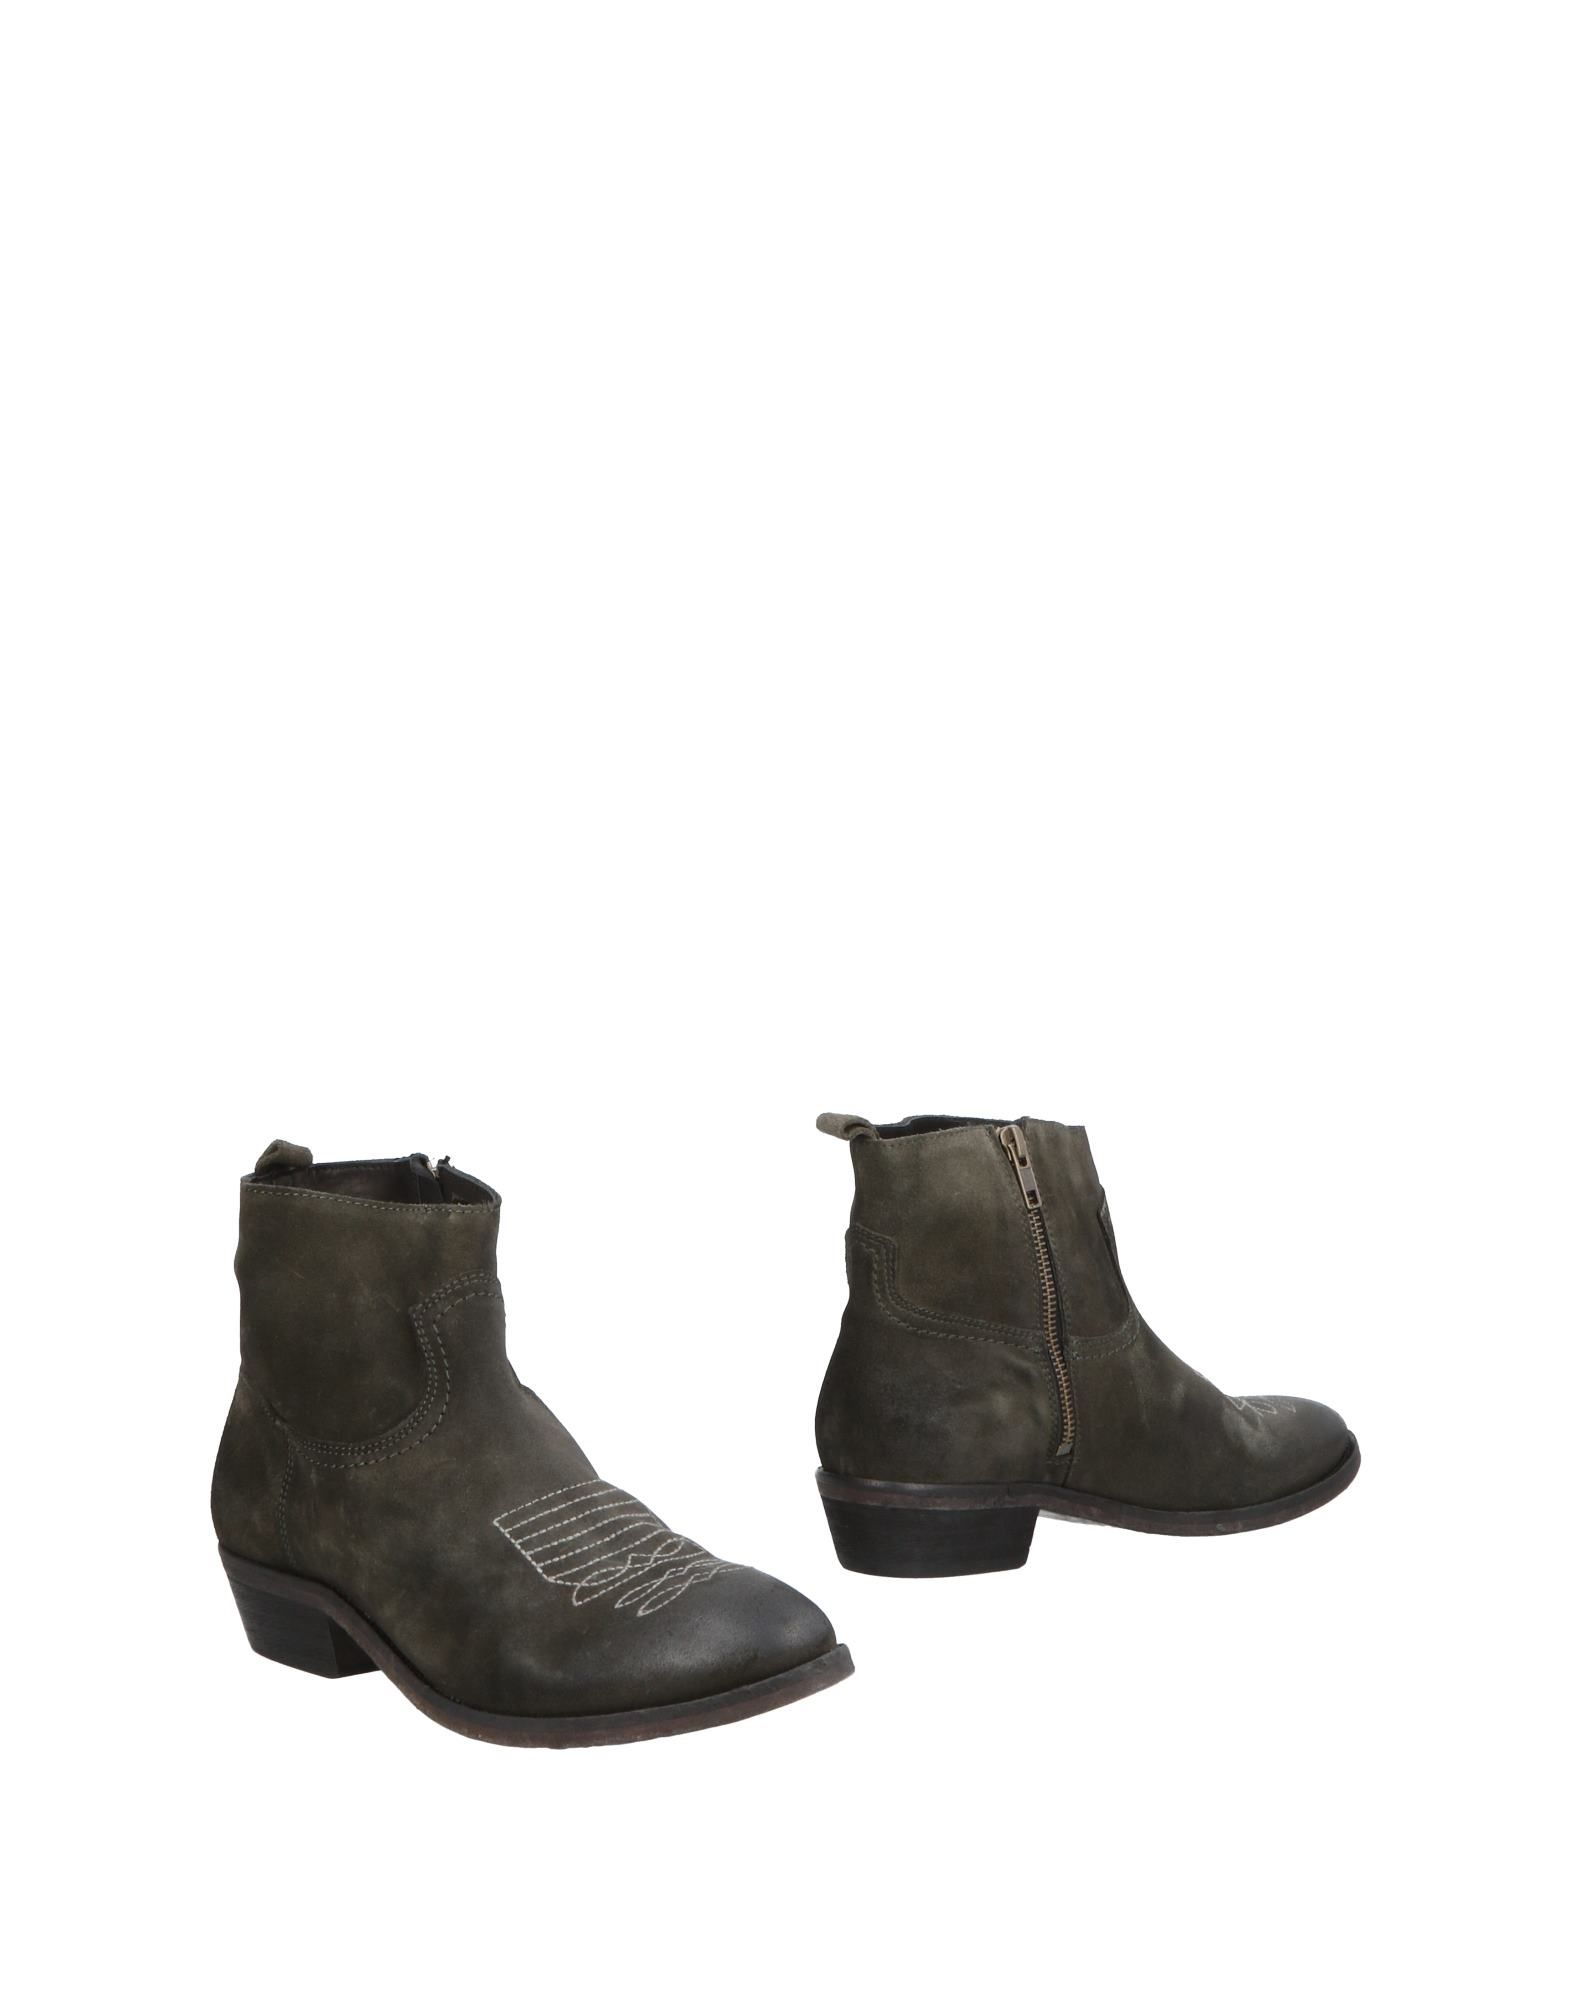 Catarina Martins Stiefelette Damen  11506985CC Gute Qualität beliebte Schuhe